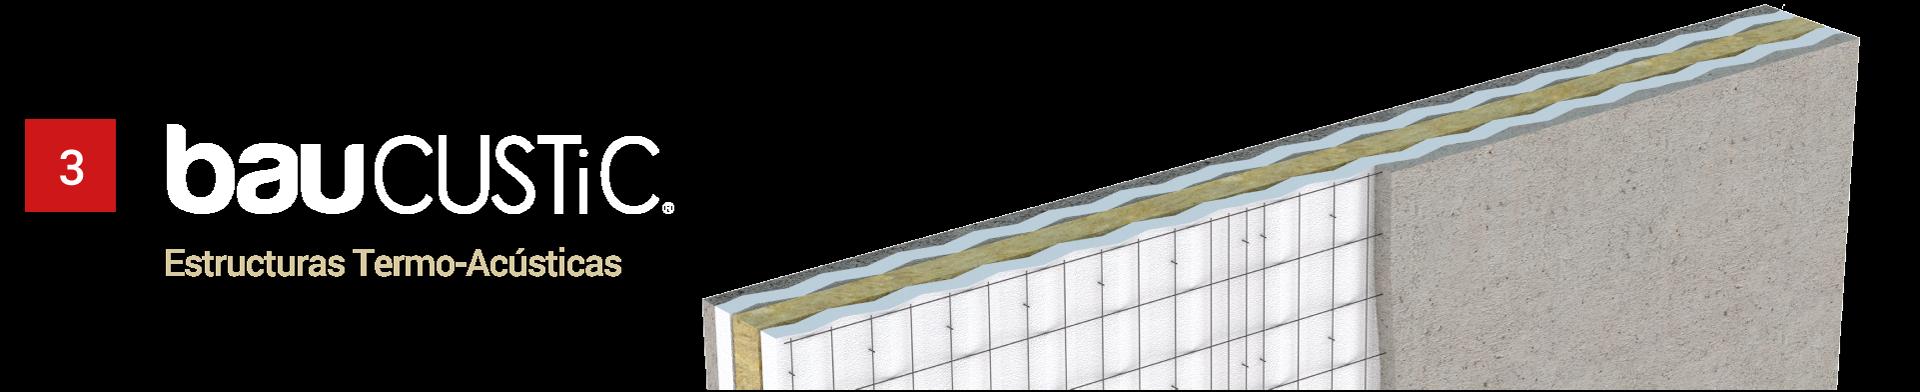 Baucustic, estructuras termo-acústicas para edificios.